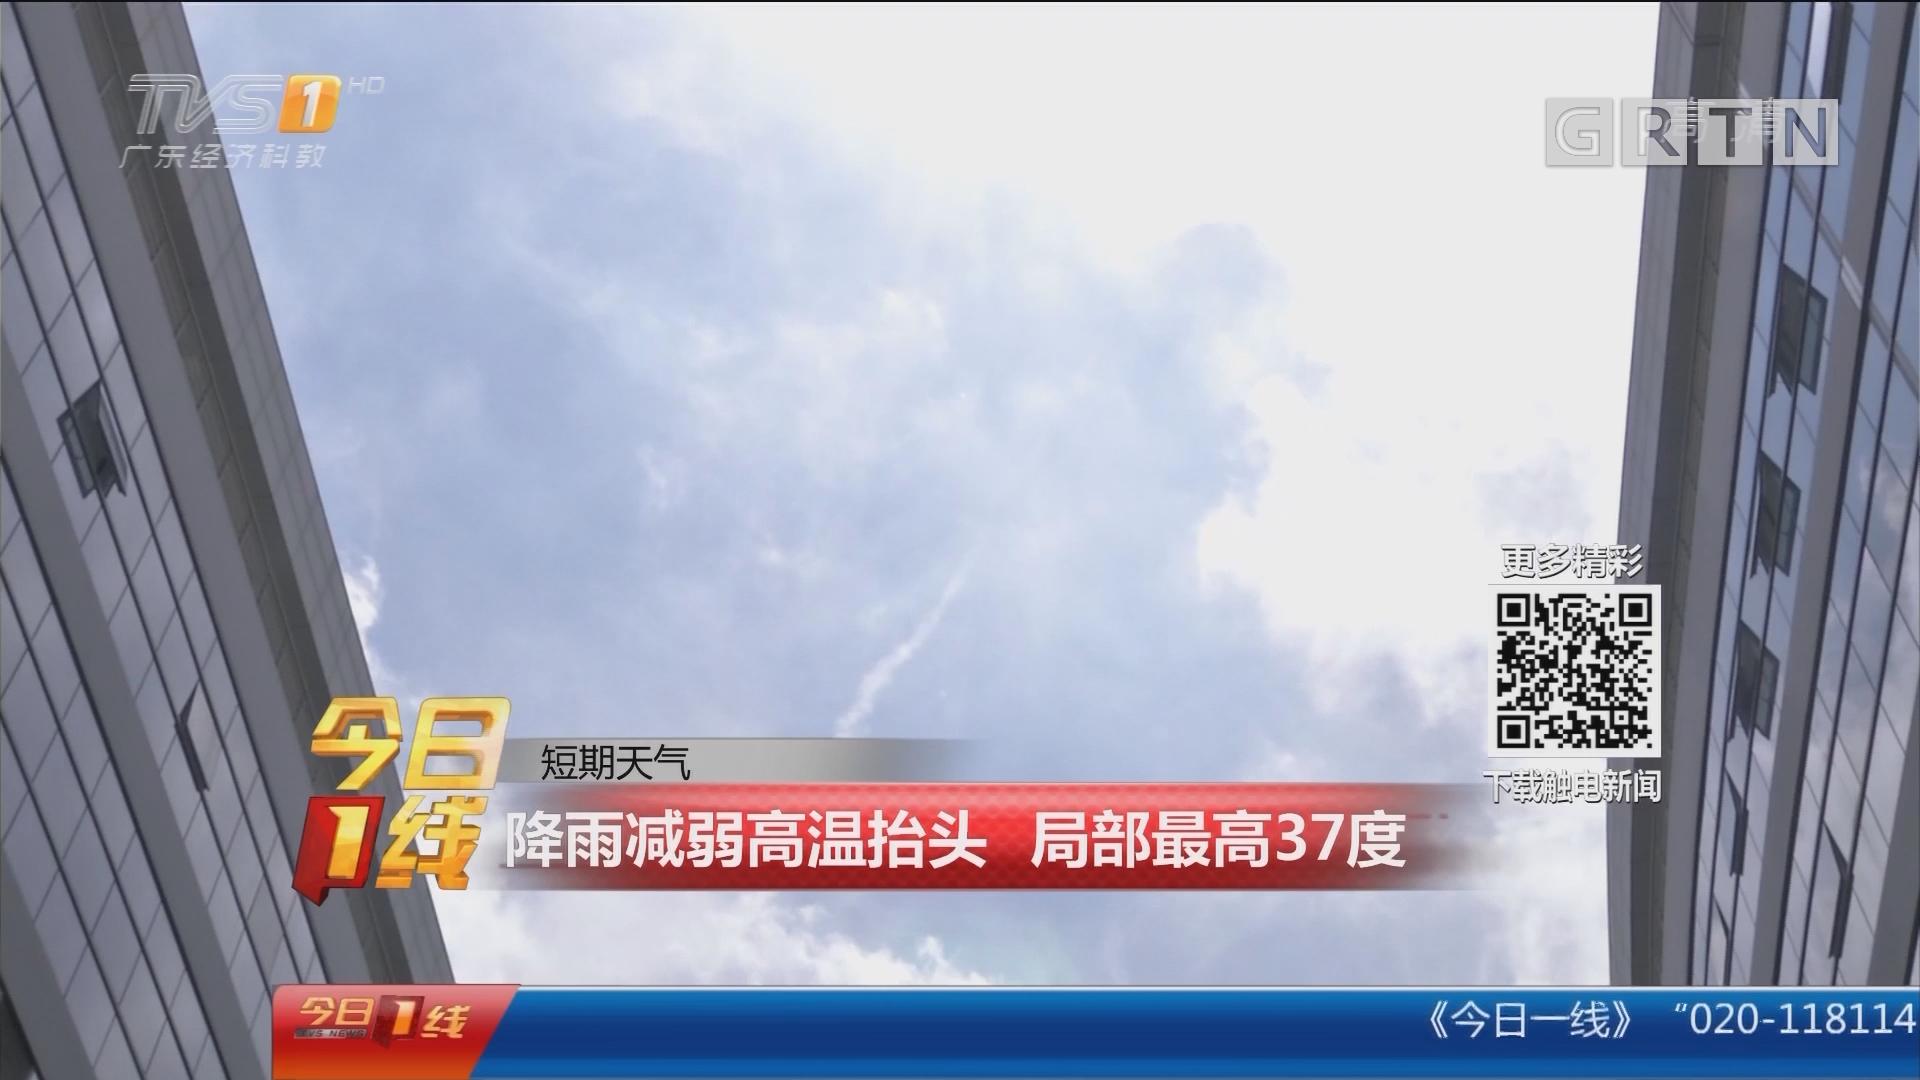 短期天气:降雨减弱高温抬头 局部最高37度